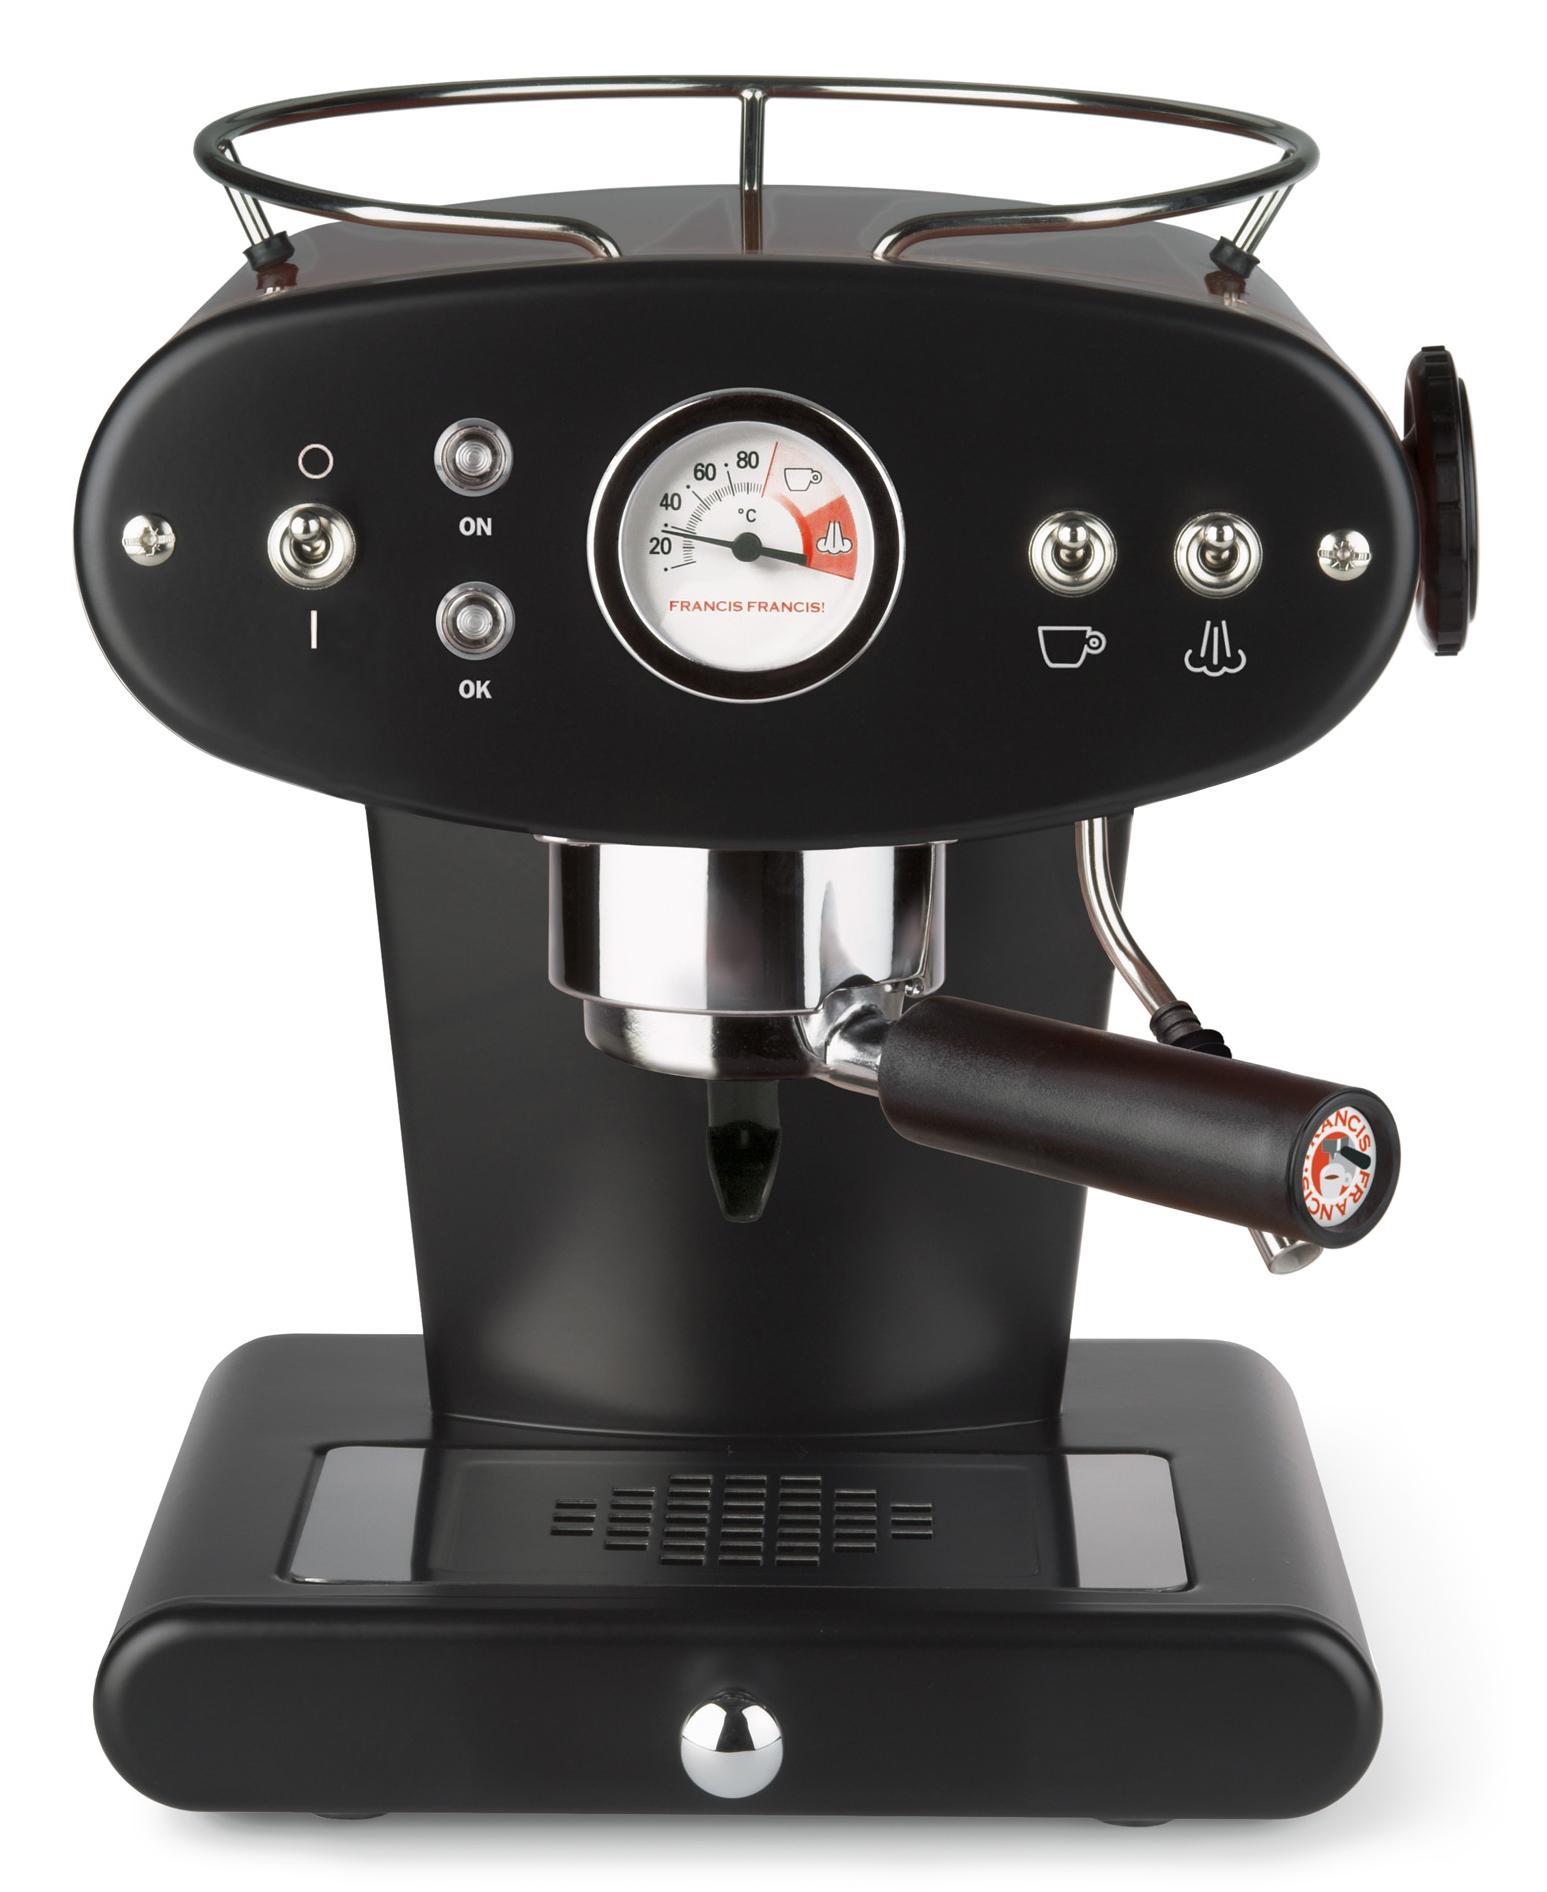 Illy Siebträgermaschine FrancisFrancis! X1 Ground Technik & Freizeit/Elektrogeräte/Haushaltsgeräte/Kaffee & Espresso/Espressomaschine